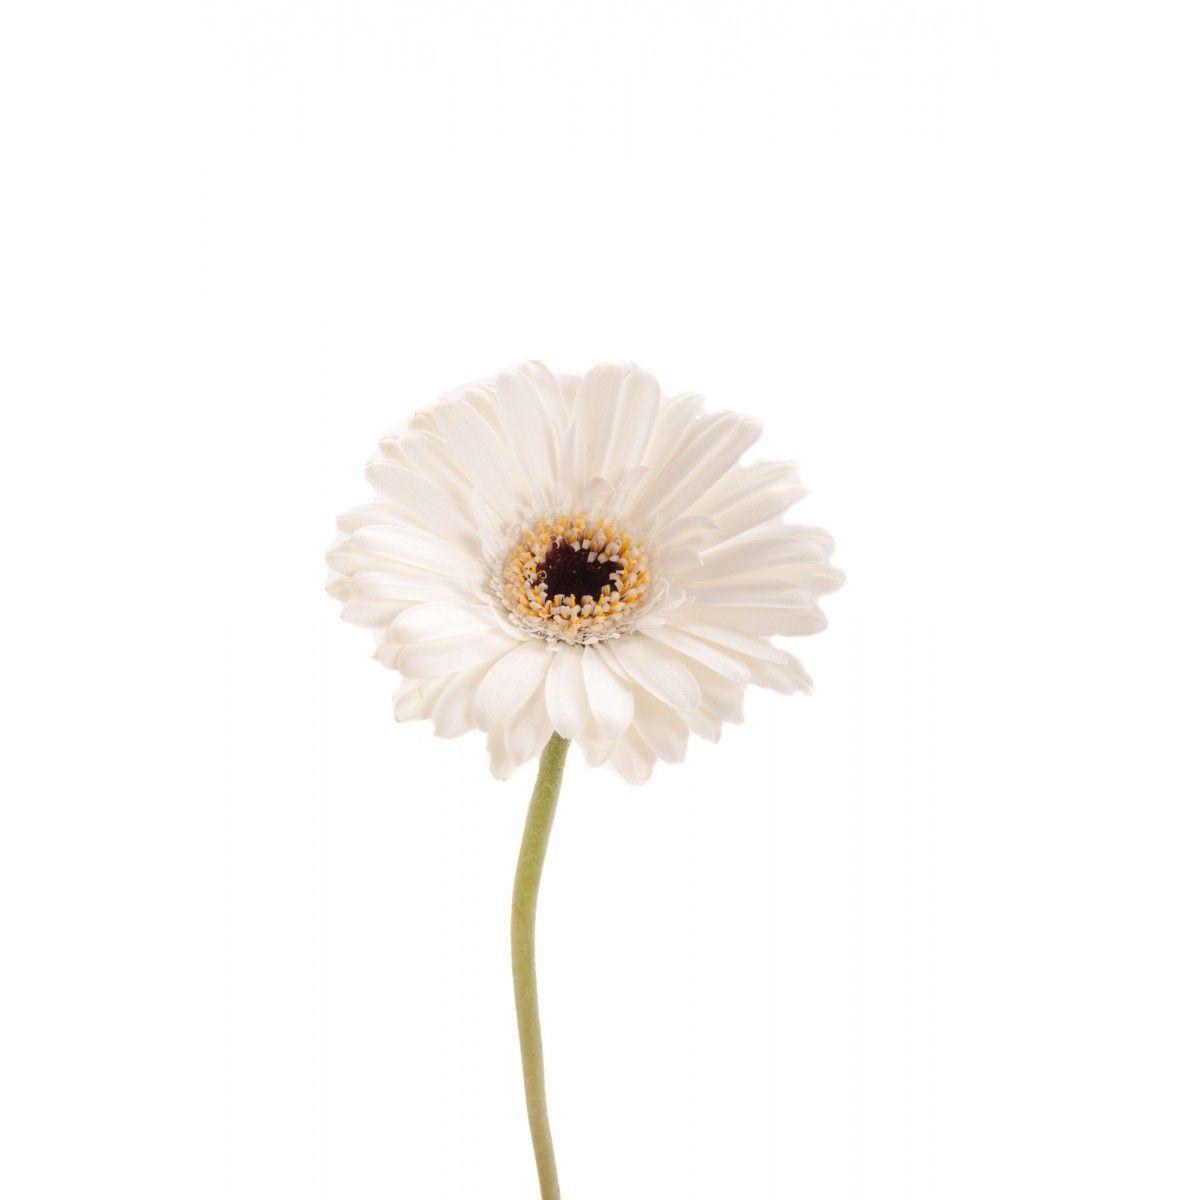 White germini dark center a pinterest dark gerbera white germini dark center gerberas types of flowers mightylinksfo Choice Image